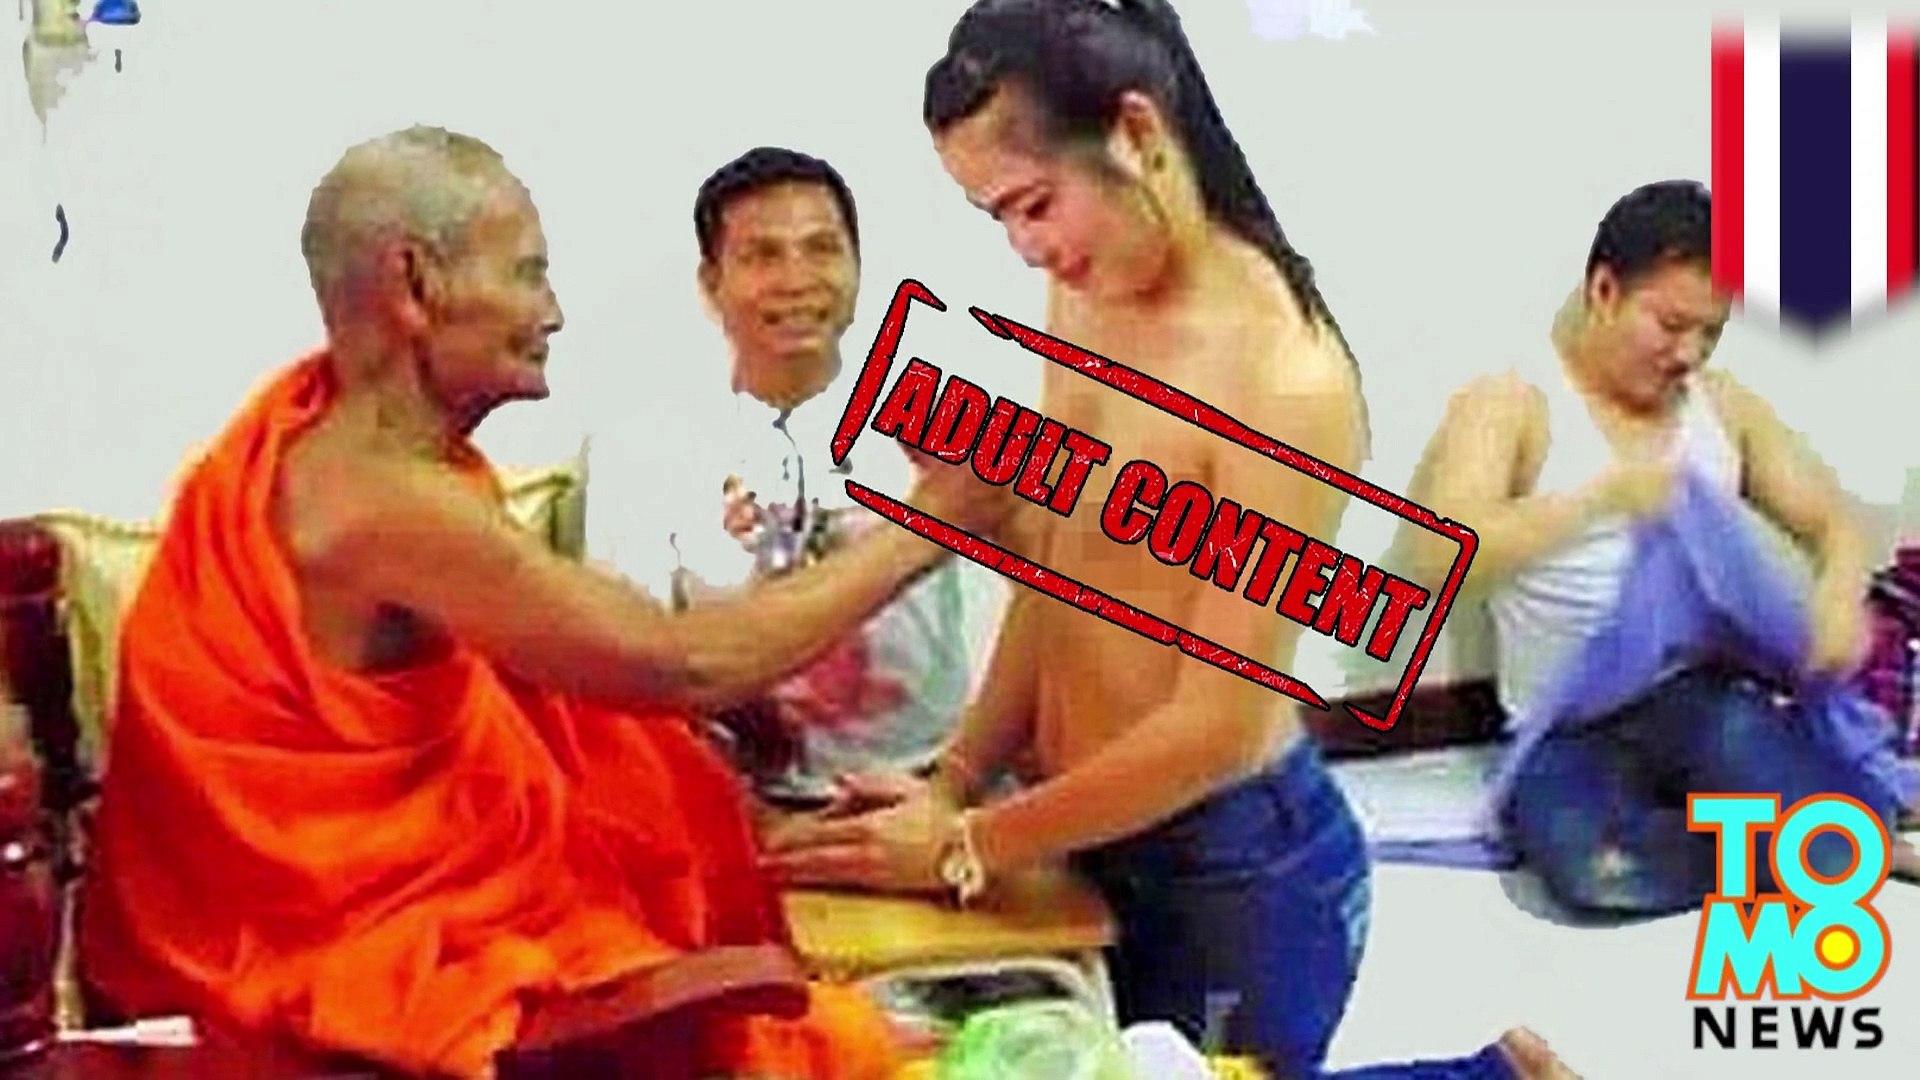 Biksu menyentuh payudara wanita yang ternyata Ladyboy - Tomonews